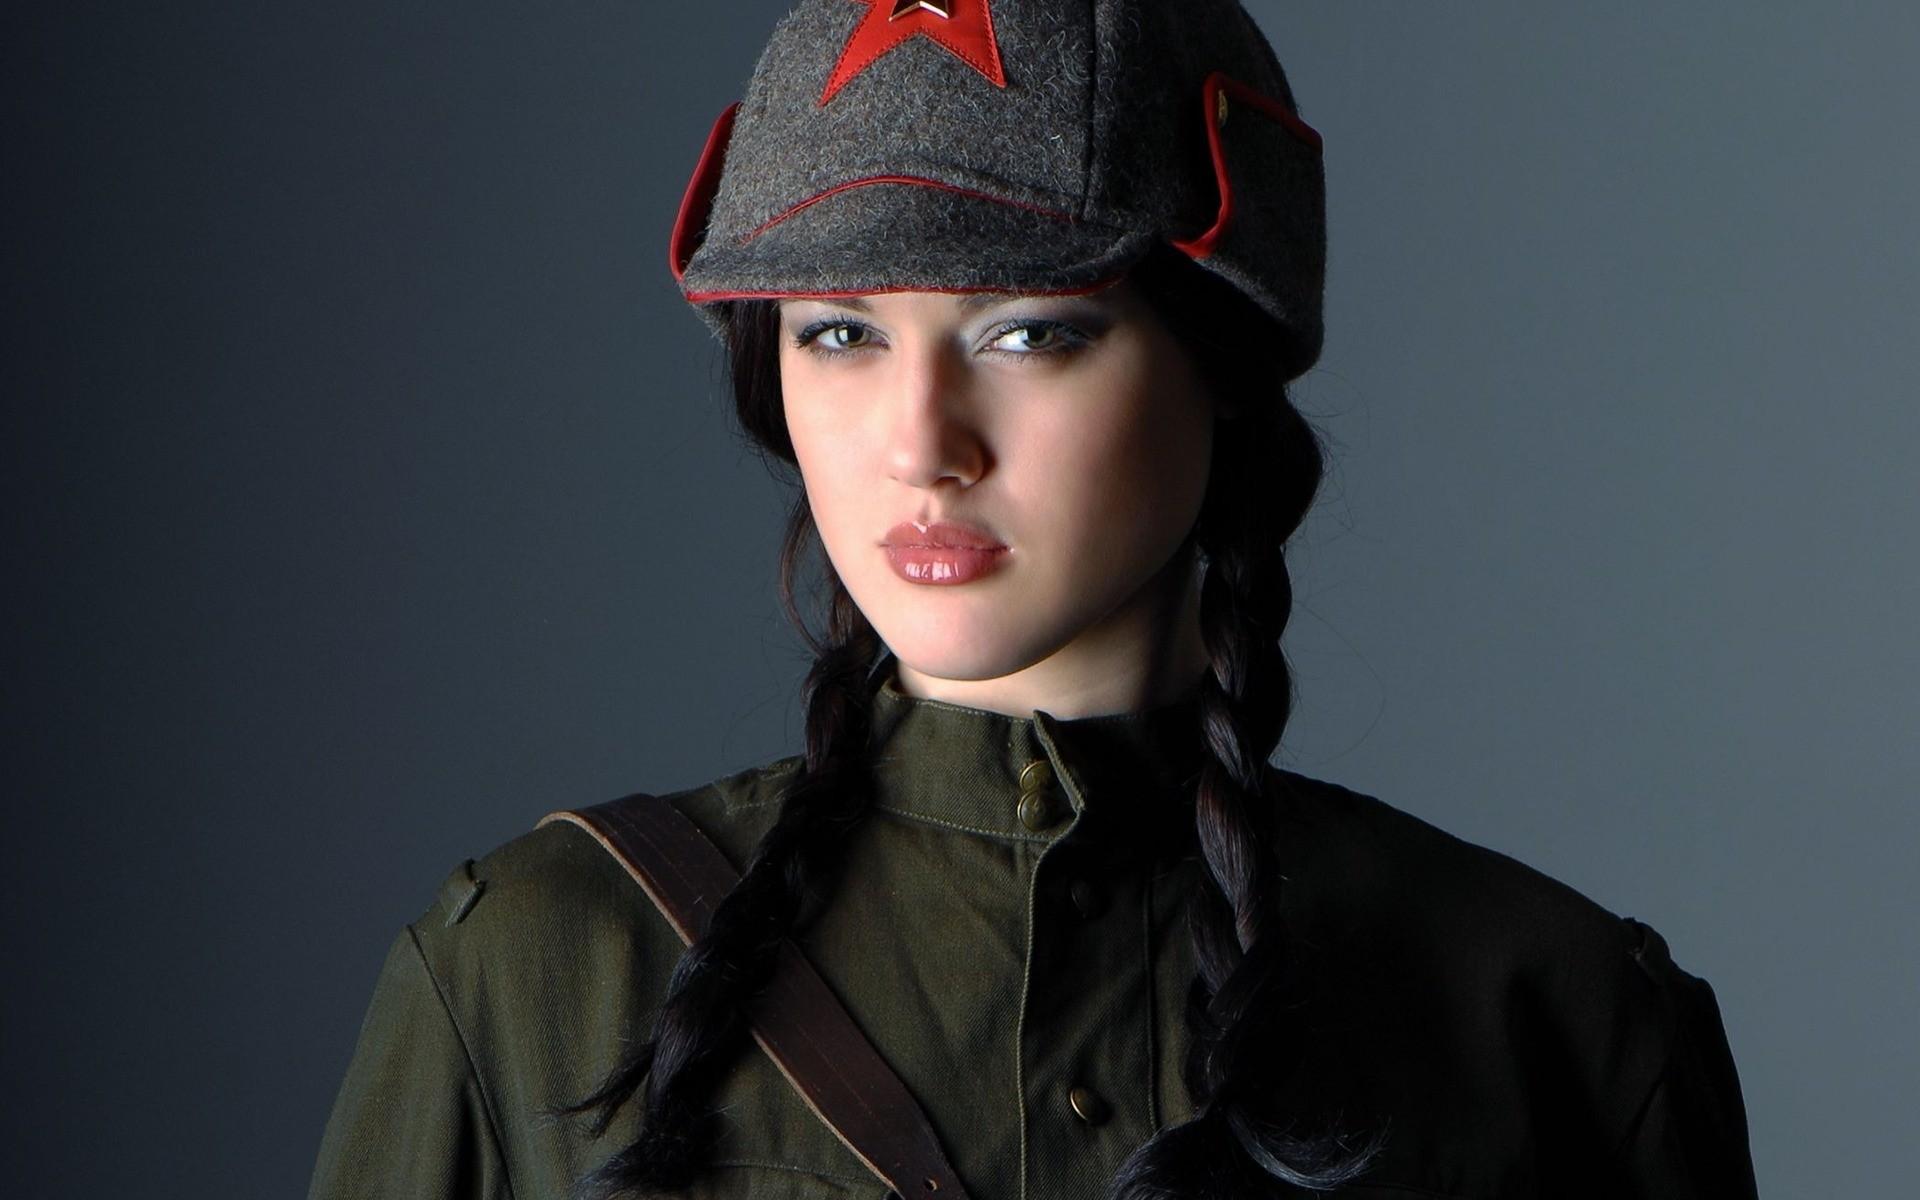 ласки красивый девки в военной форме мужчина создан